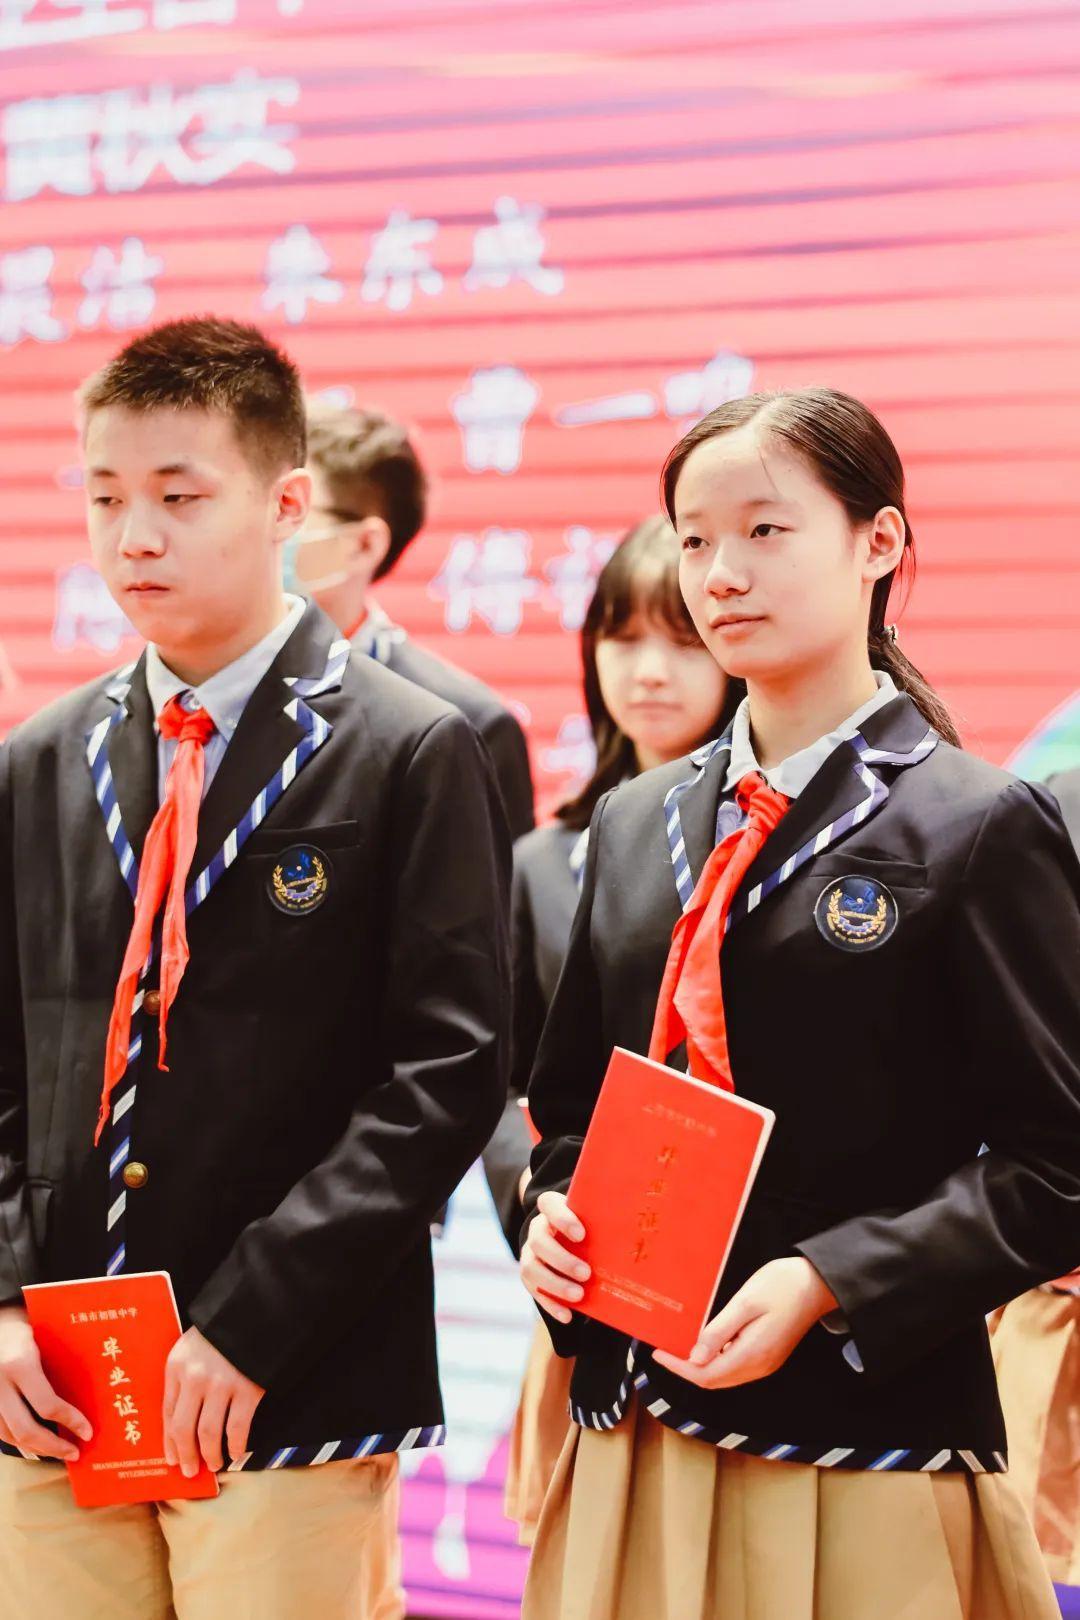 毕业季 | 骊歌唱响,共盼未来——上海民办位育中学2020届初中毕业典礼暨退队仪式图片_2097151